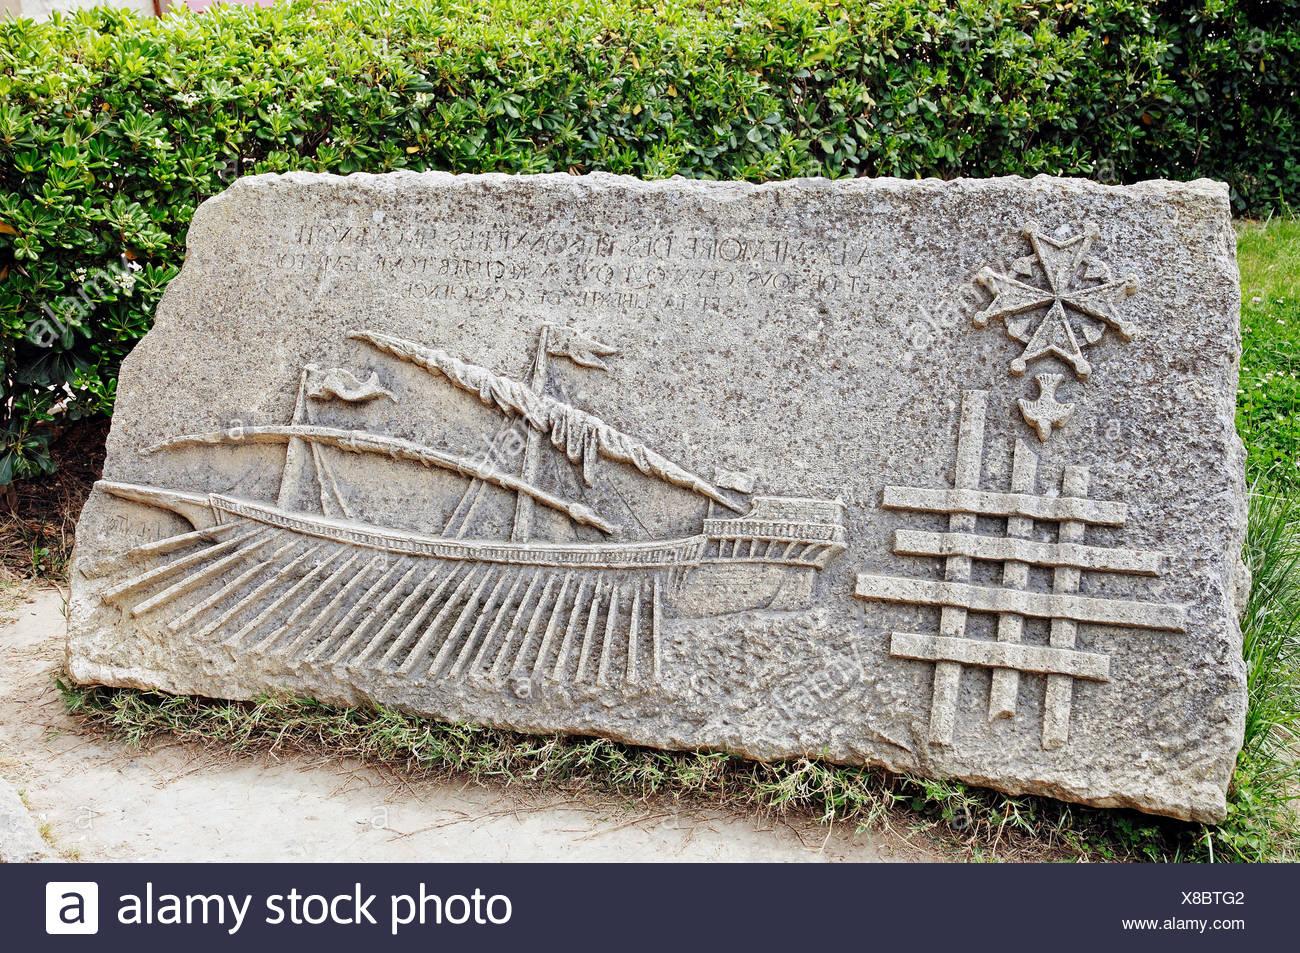 Commemorative plaque, Aigues-Mortes, Camargue, Gard, Languedoc-Roussillon, France - Stock Image